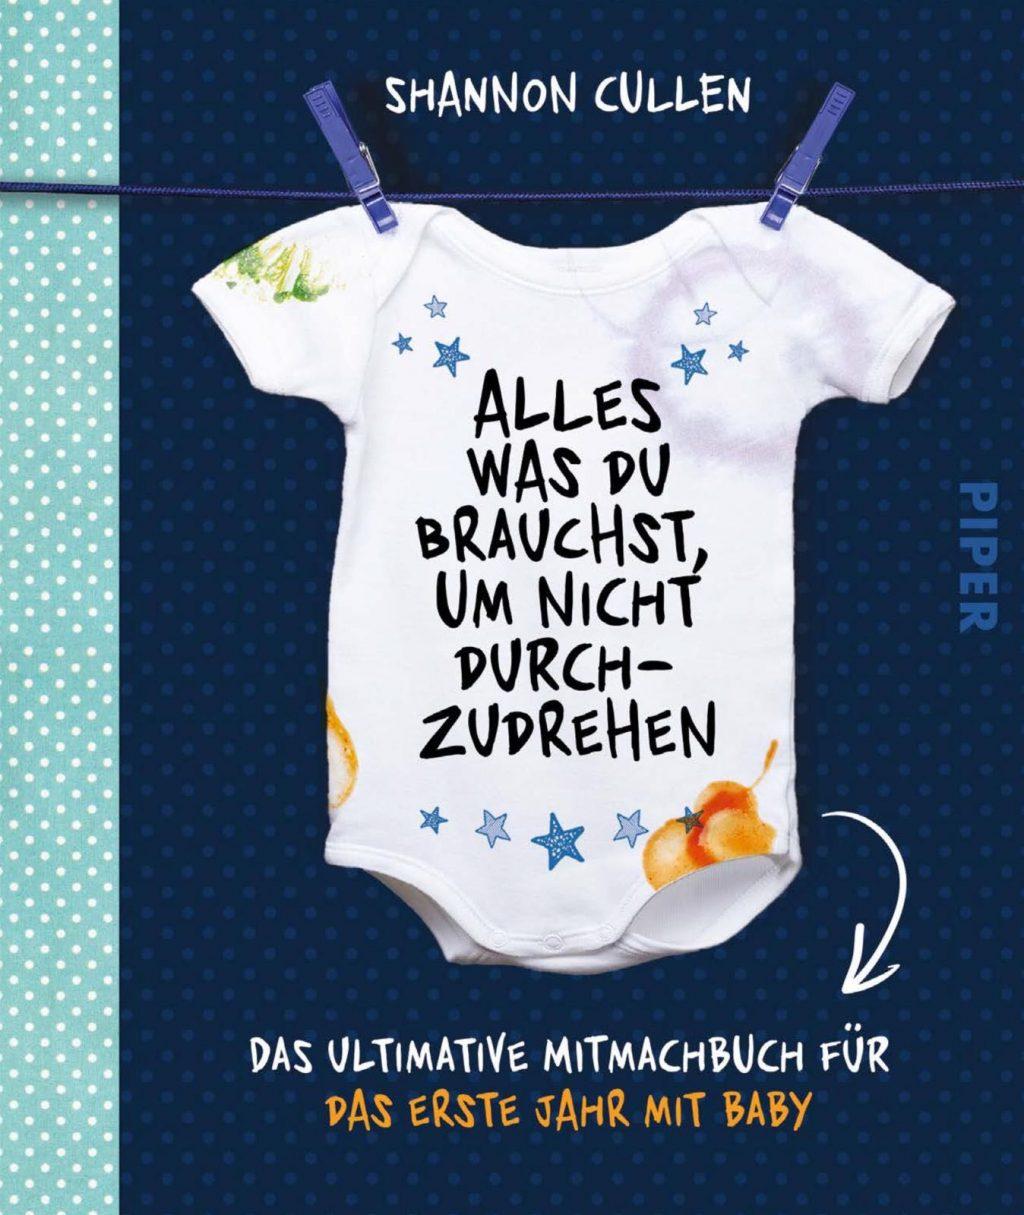 Alles, was du brauchst, um nicht durchzudrehen Shannon Cullen - Das ultimative Mitmachbuch für das erste Jahr mit Baby - Download Cover - Piper Verlag 2018